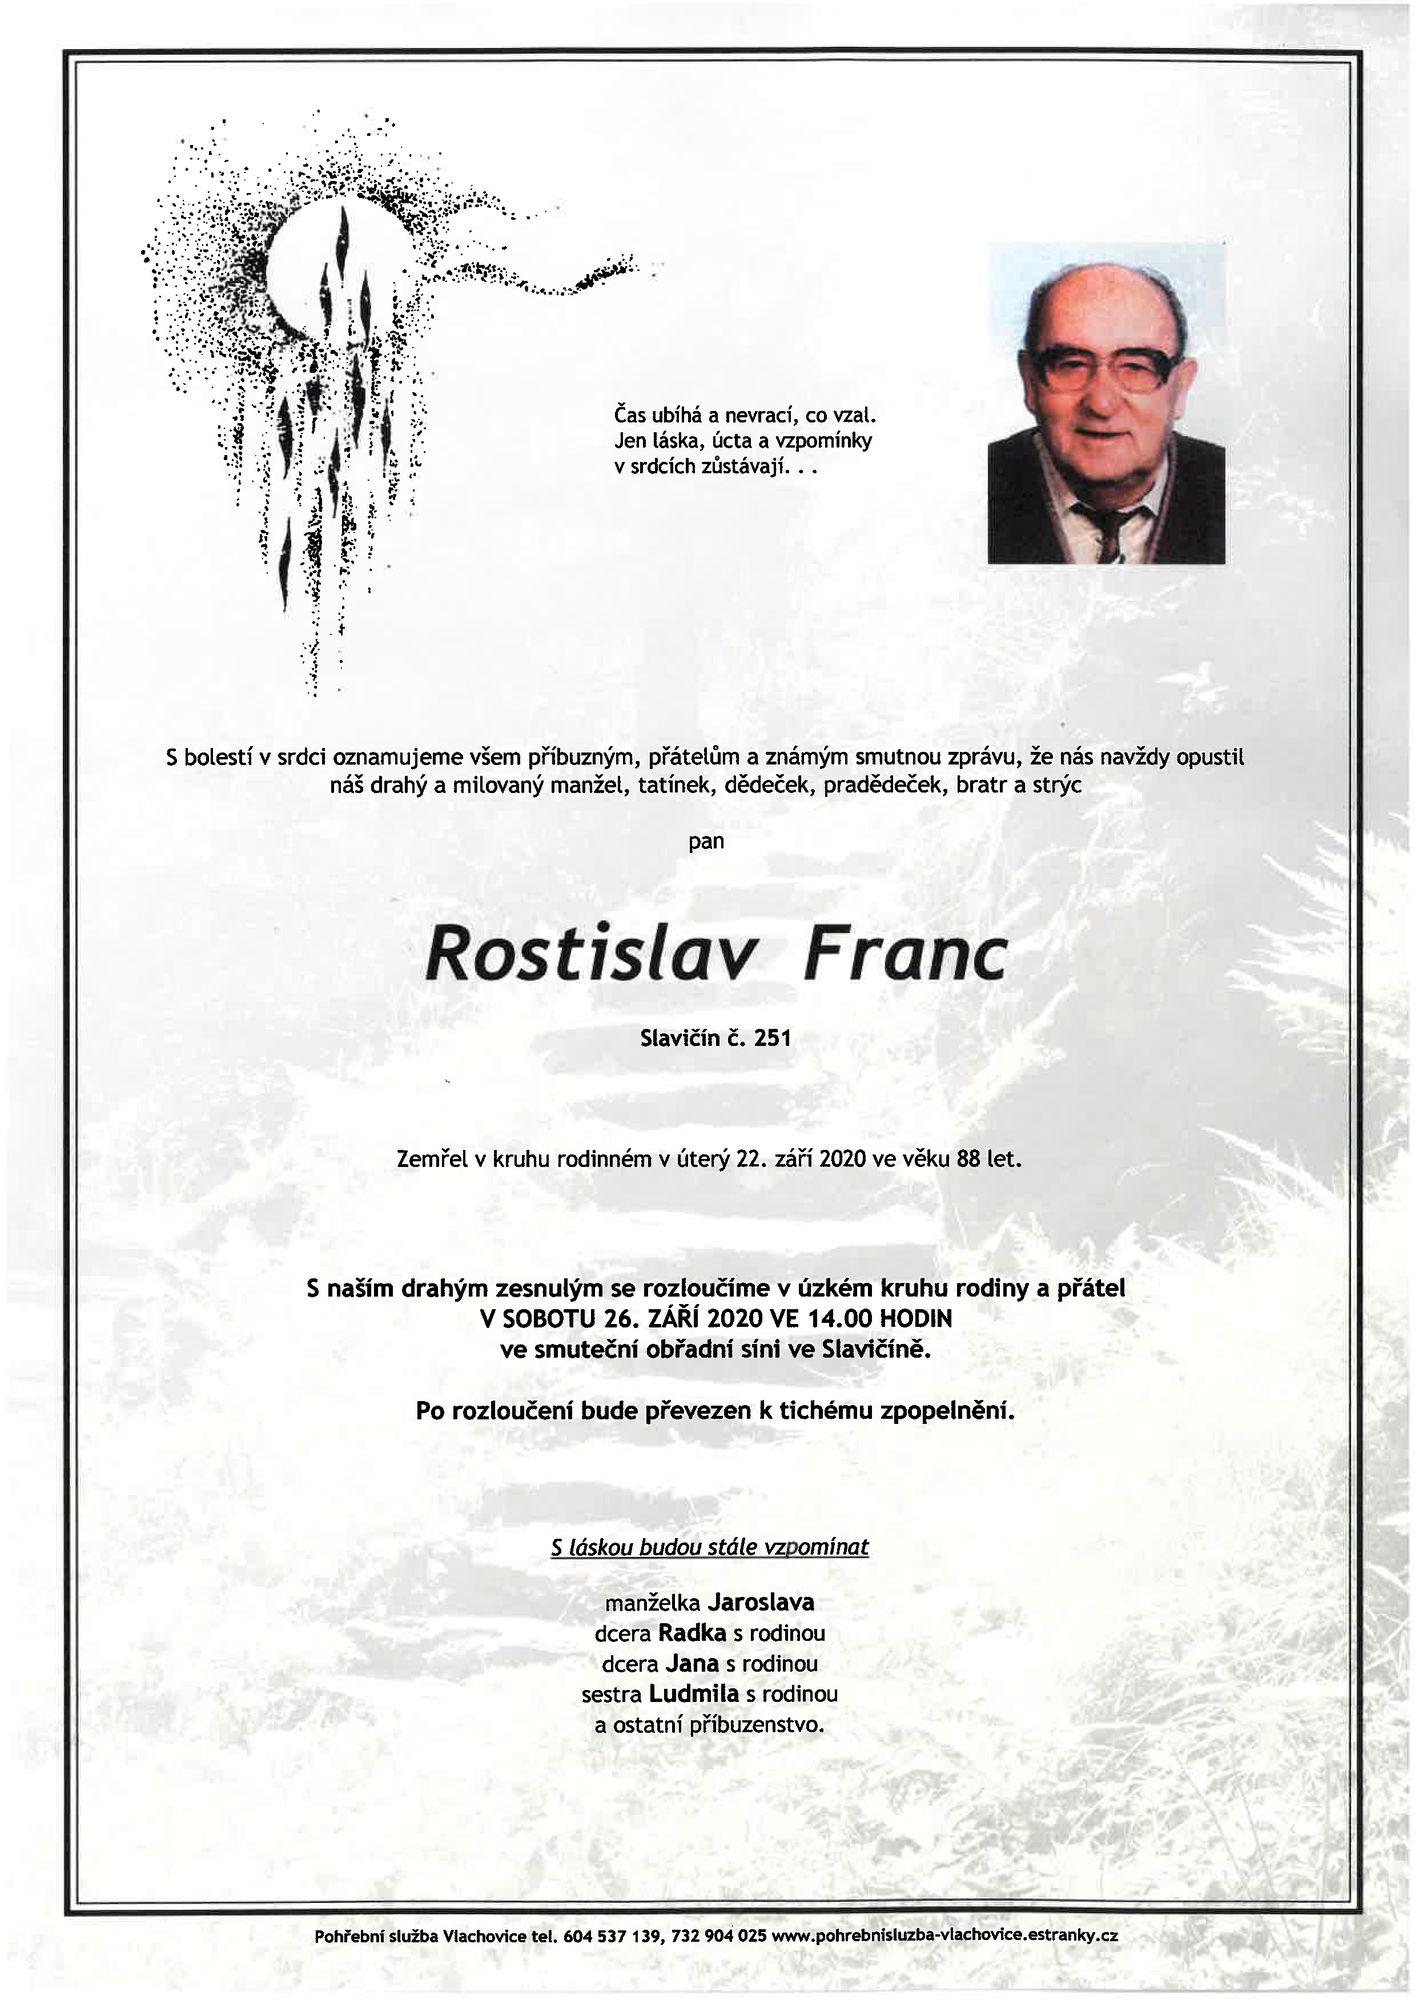 Rostislav Franc